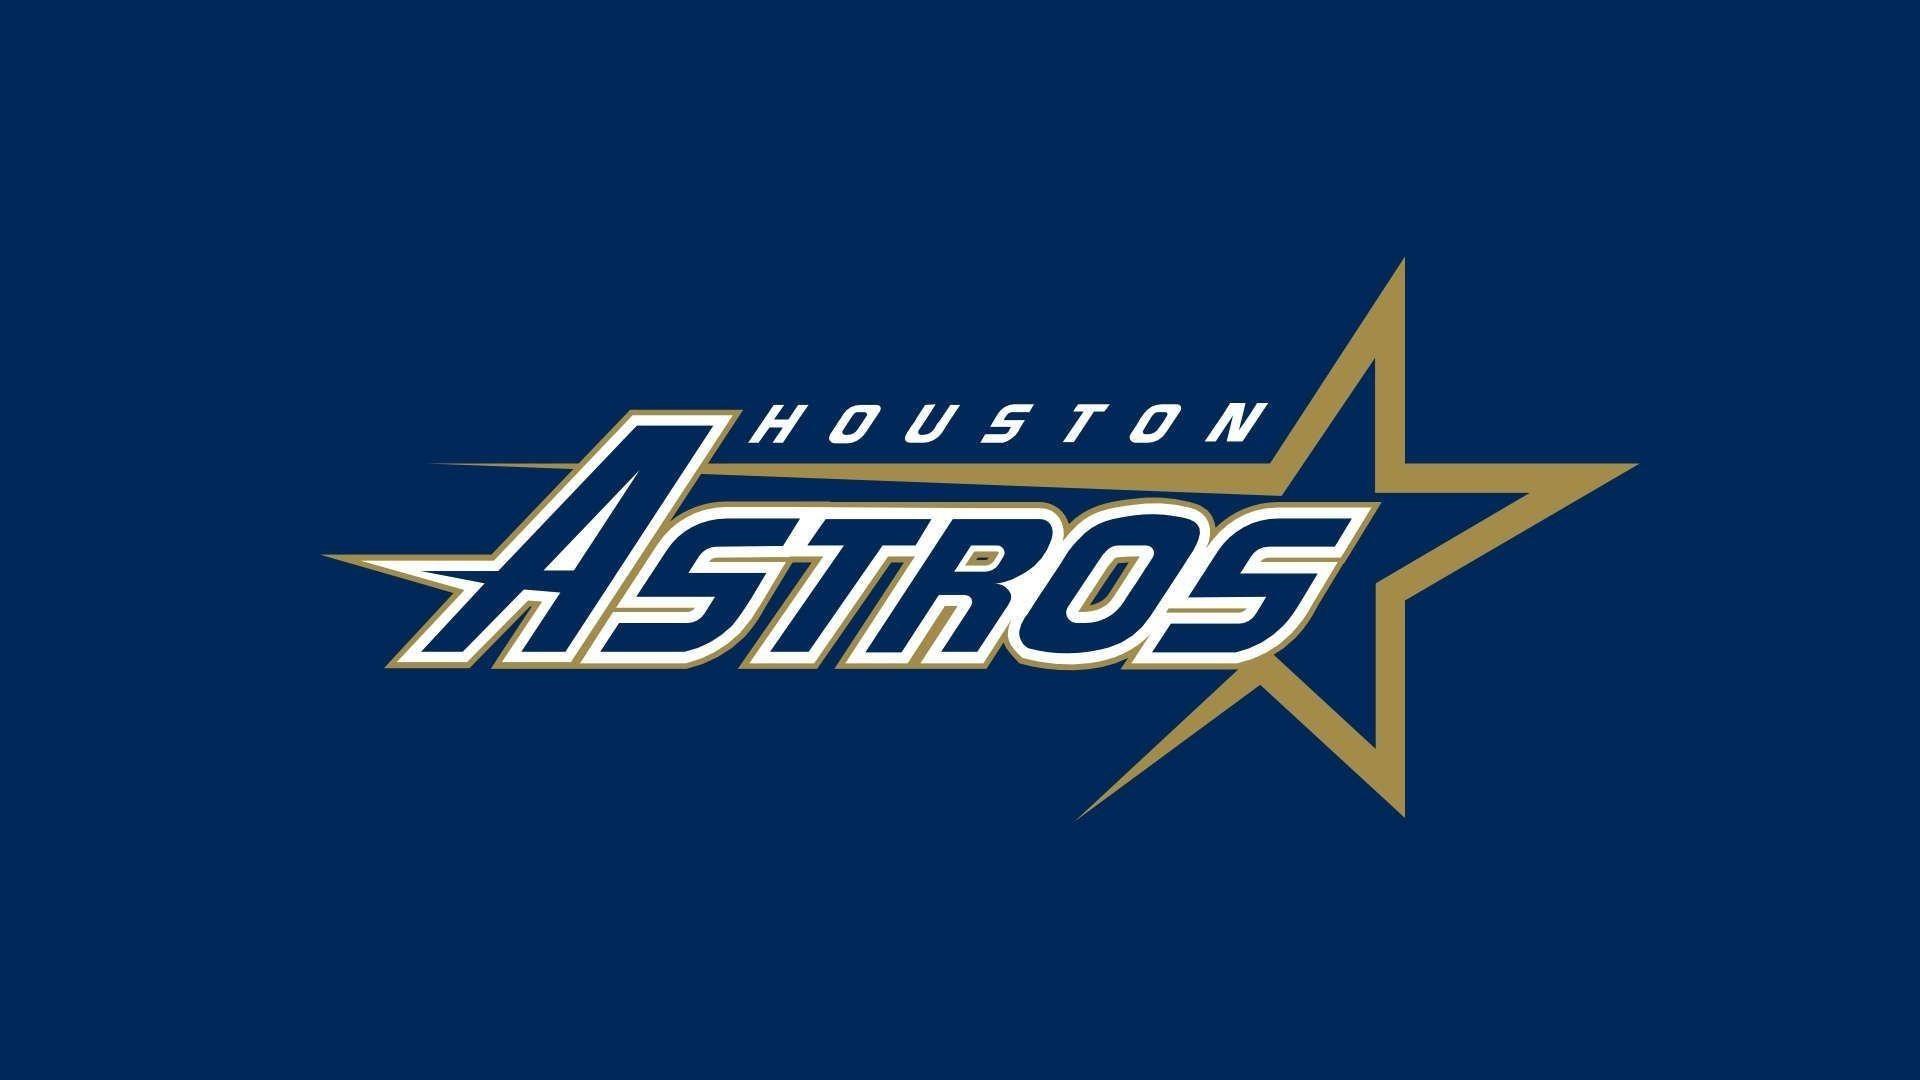 Houston Astros Picture